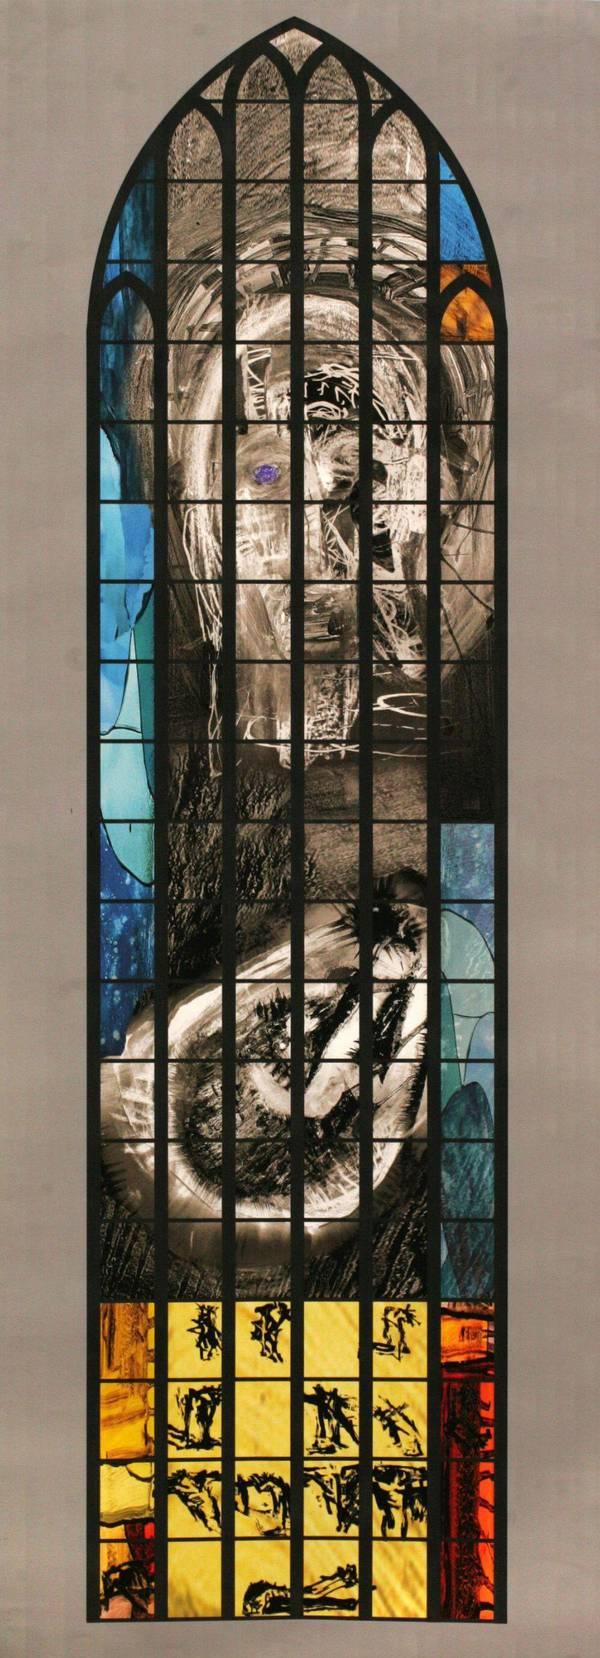 2006 Peter Brandes Opstandne og lidende Kristus Kasseret mosaikrudeforslag til Odense Dom 135056_600_0_0_0_0_0